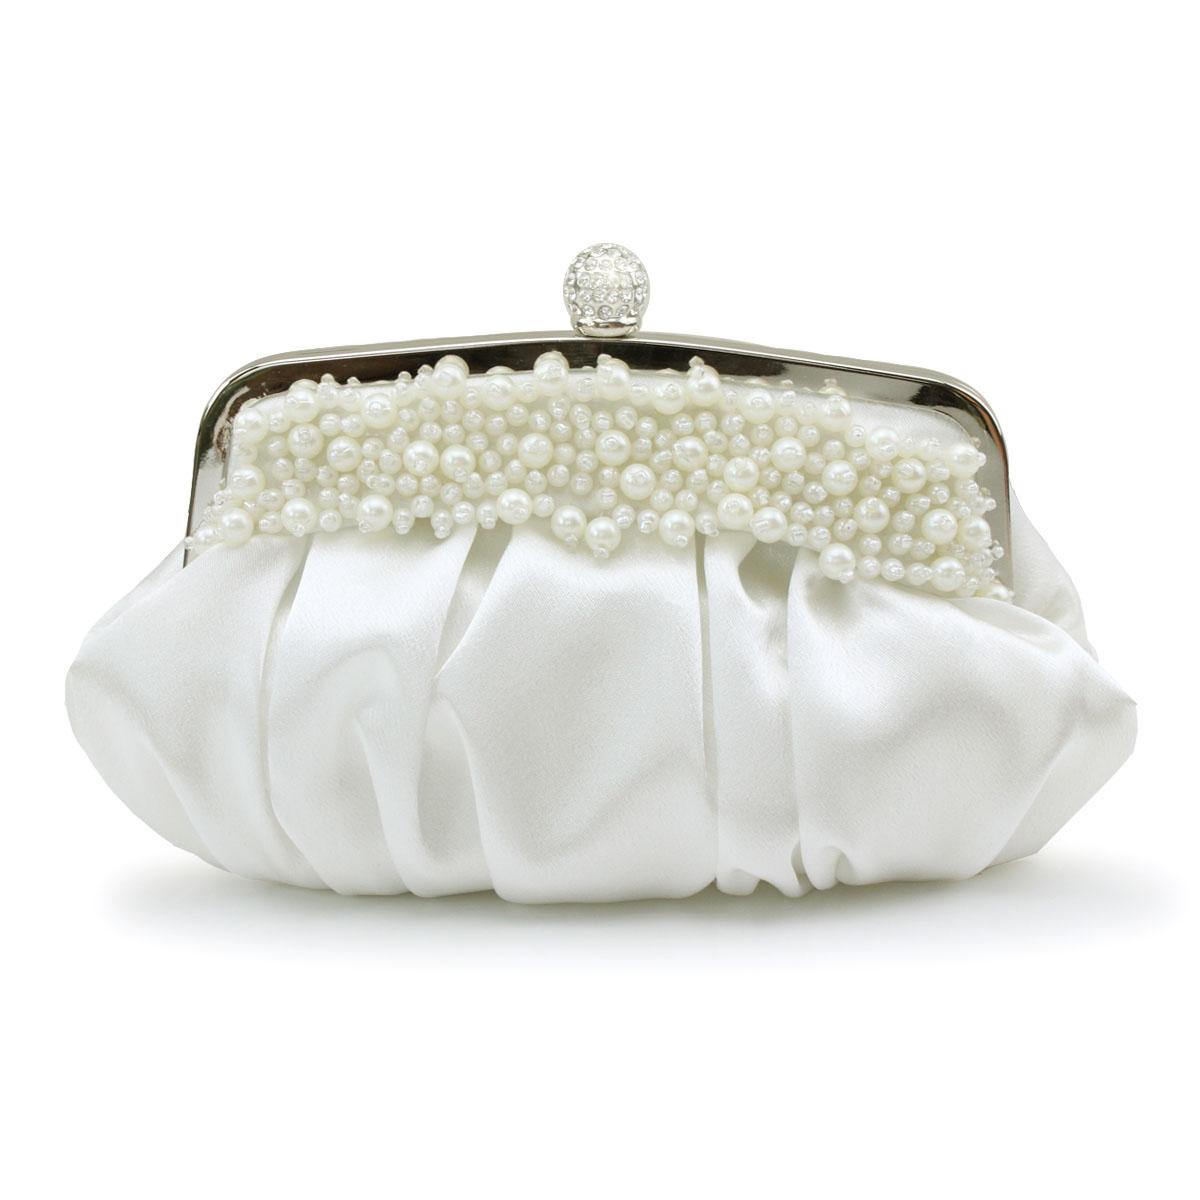 新娘包2013新款正品I13T手工串珠女包 宴会包公主包淑女包新娘包小拎包